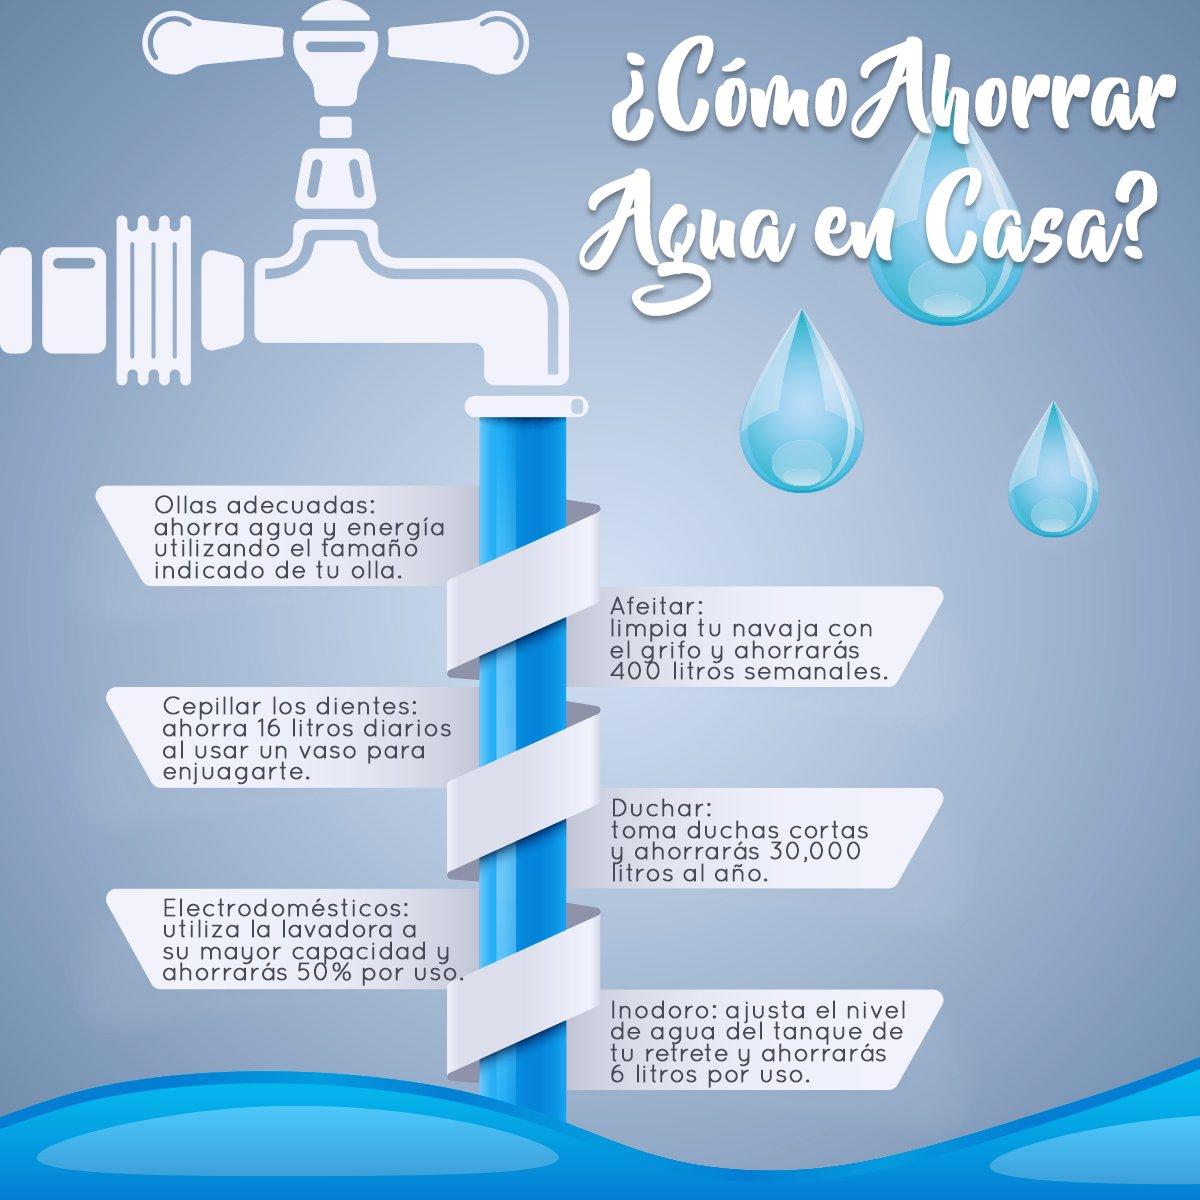 Cervecer a nacional on twitter hay muchas formas para - Como podemos ahorrar agua en casa ...